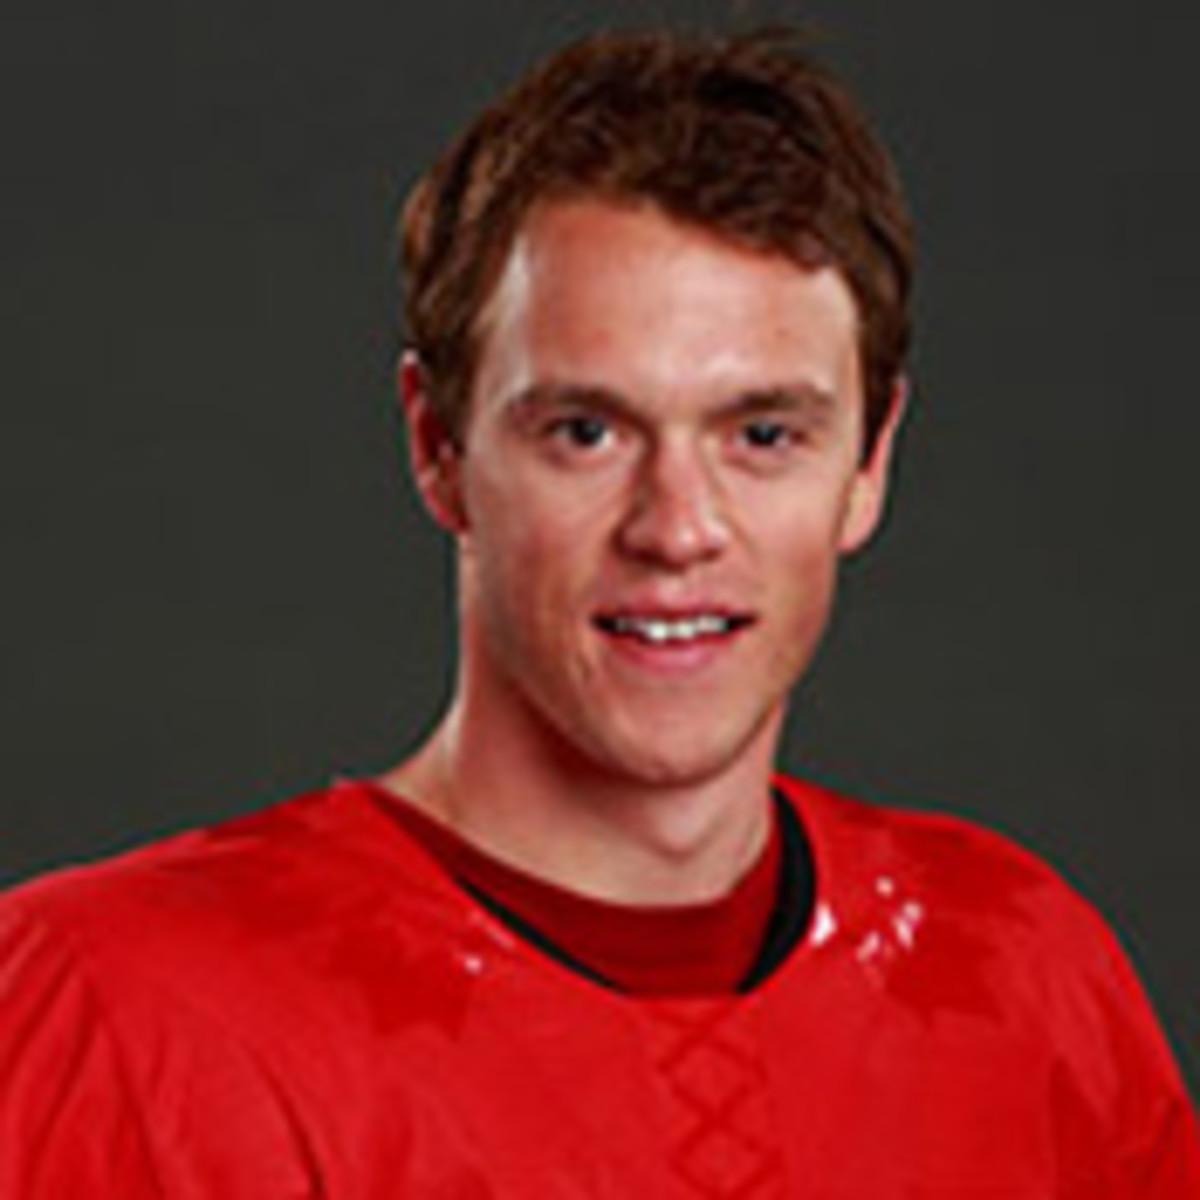 2014 canada men's hockey olympics jonathan toews